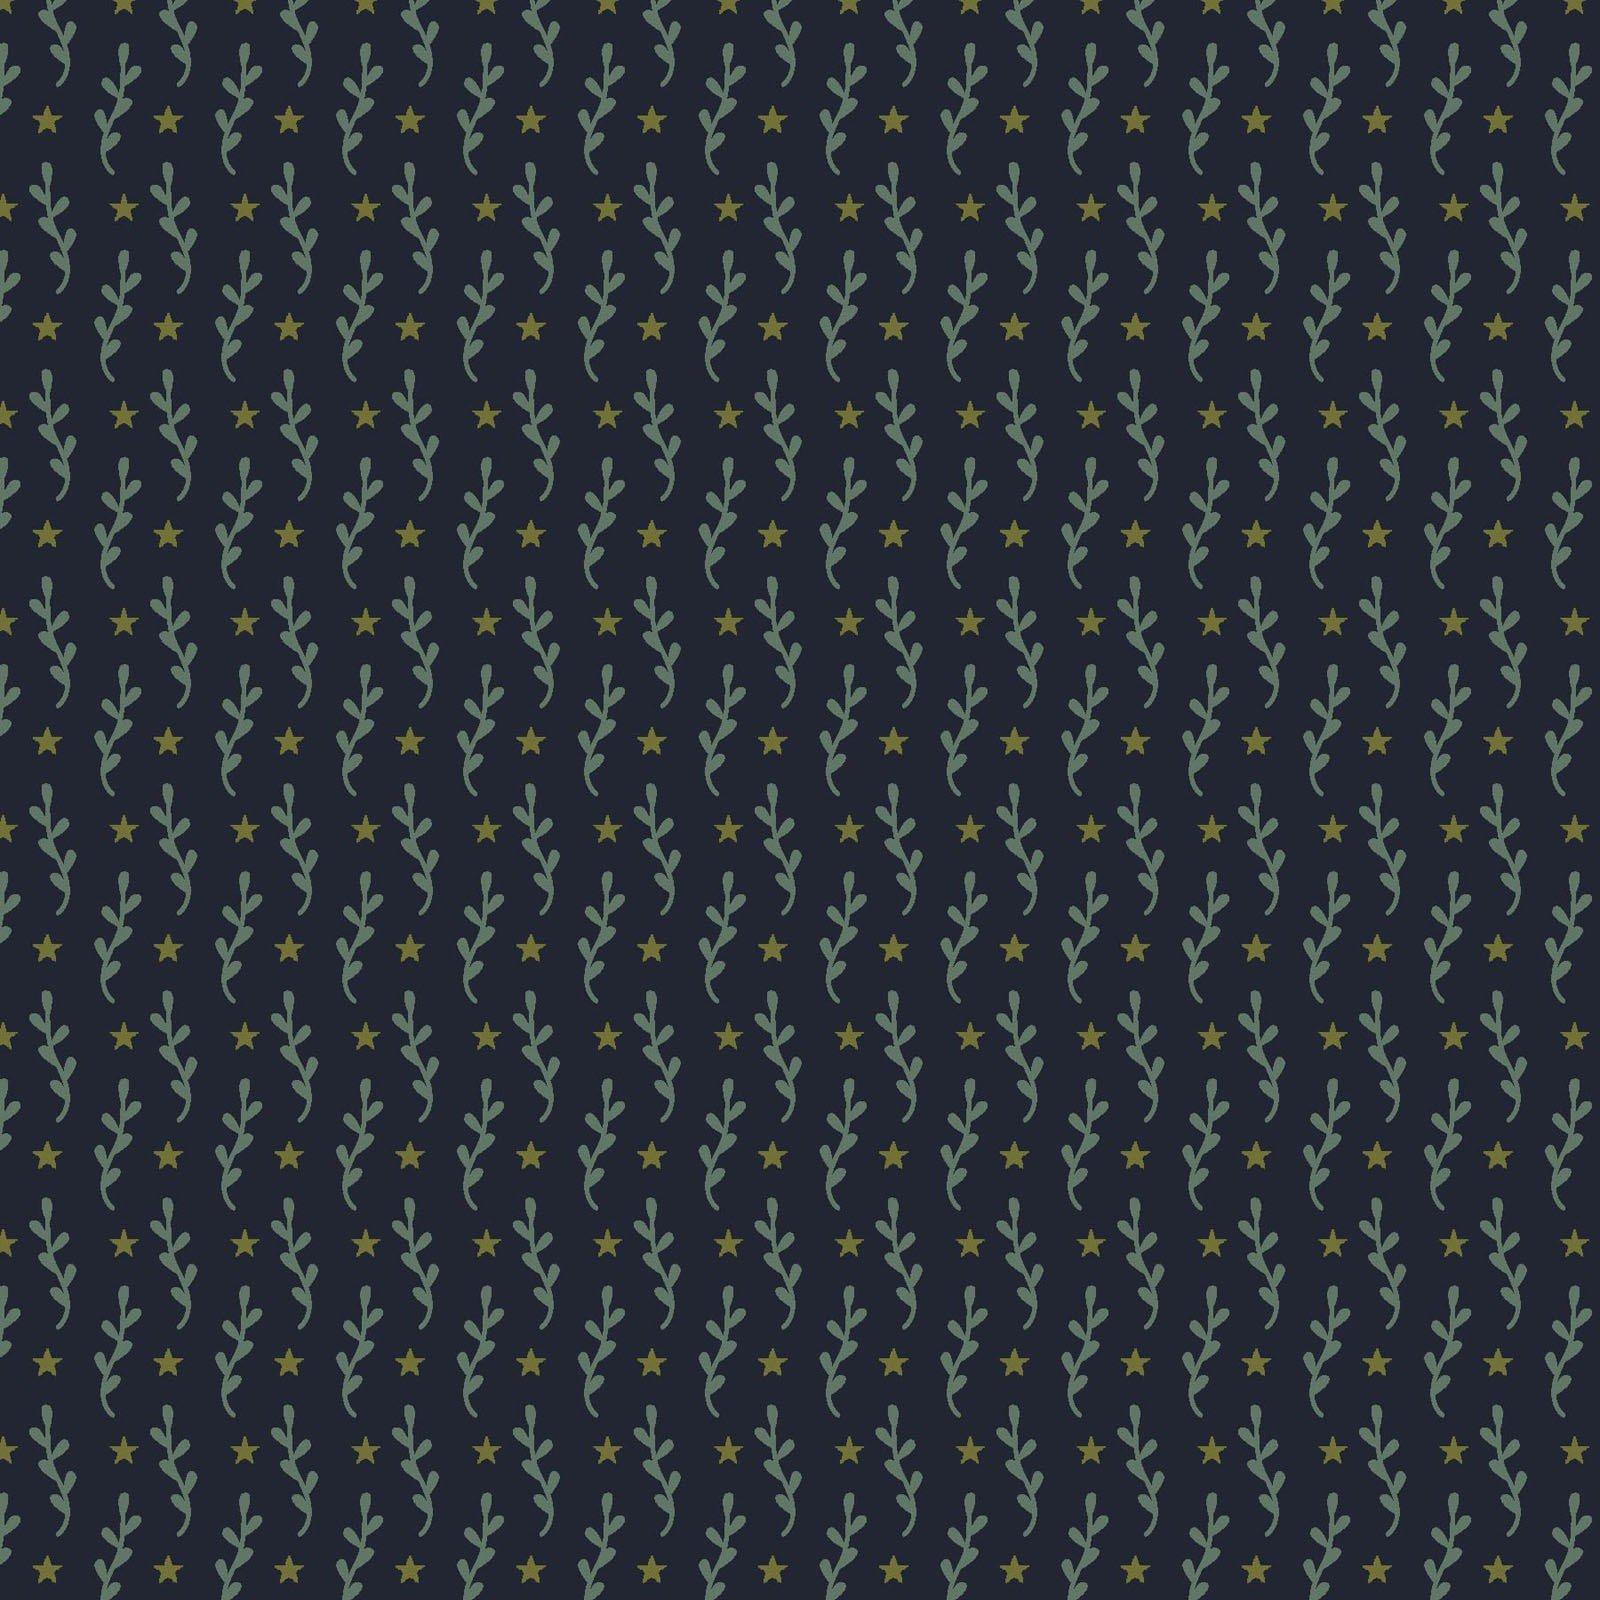 Primitive Stitches - Navy<br/>Henry Glass 8820-77